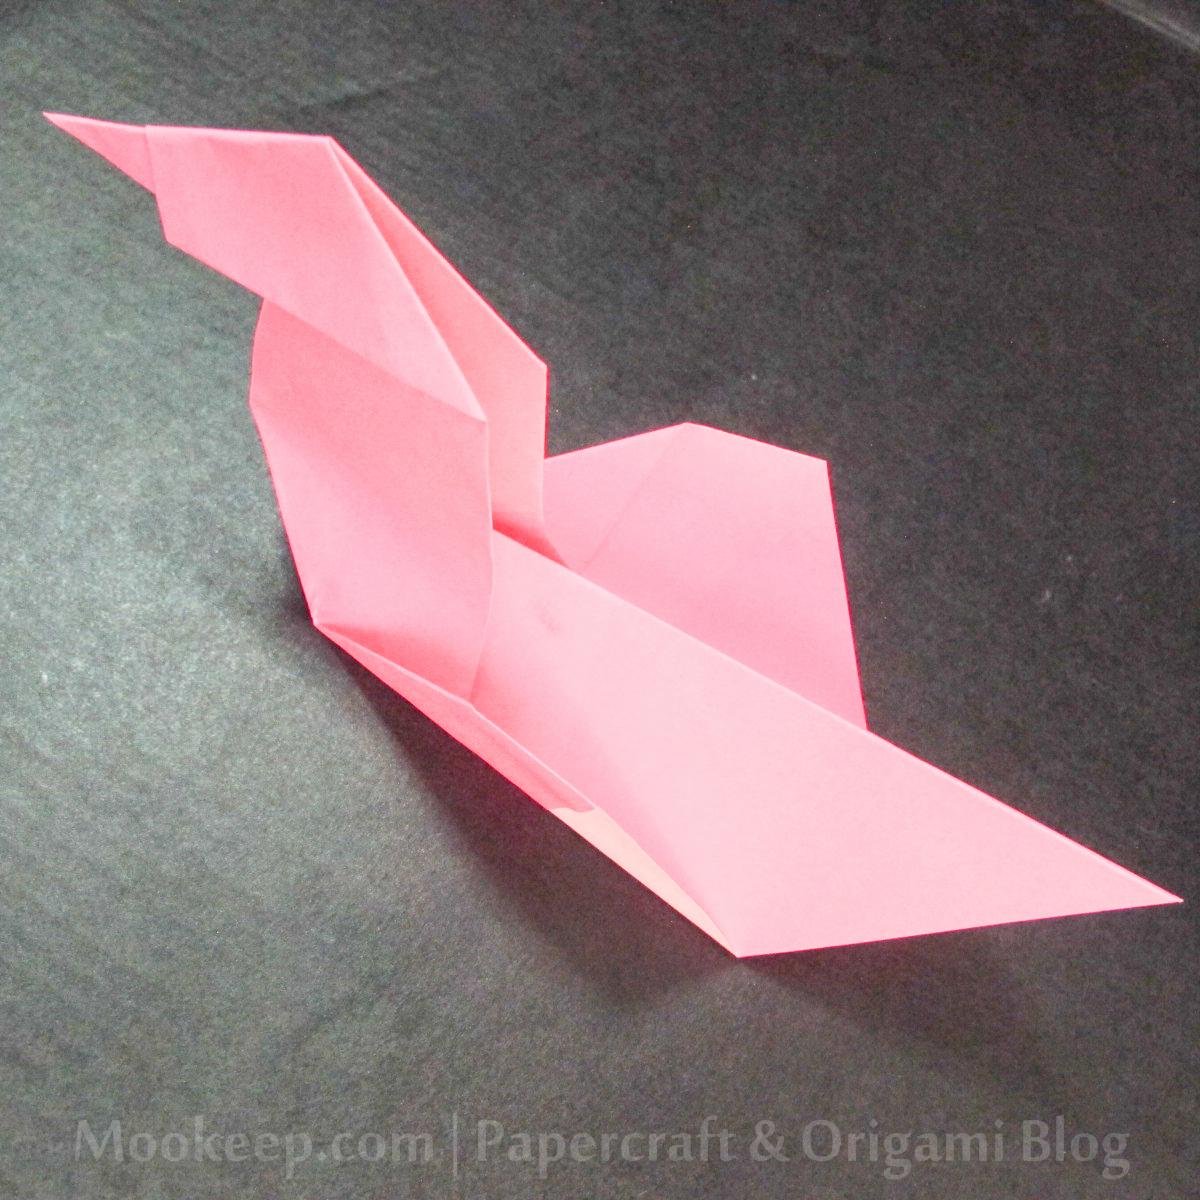 สอนวิธีการพับกระดาษเป็นรูปเป็ด (Origami Duck) - 022.jpg